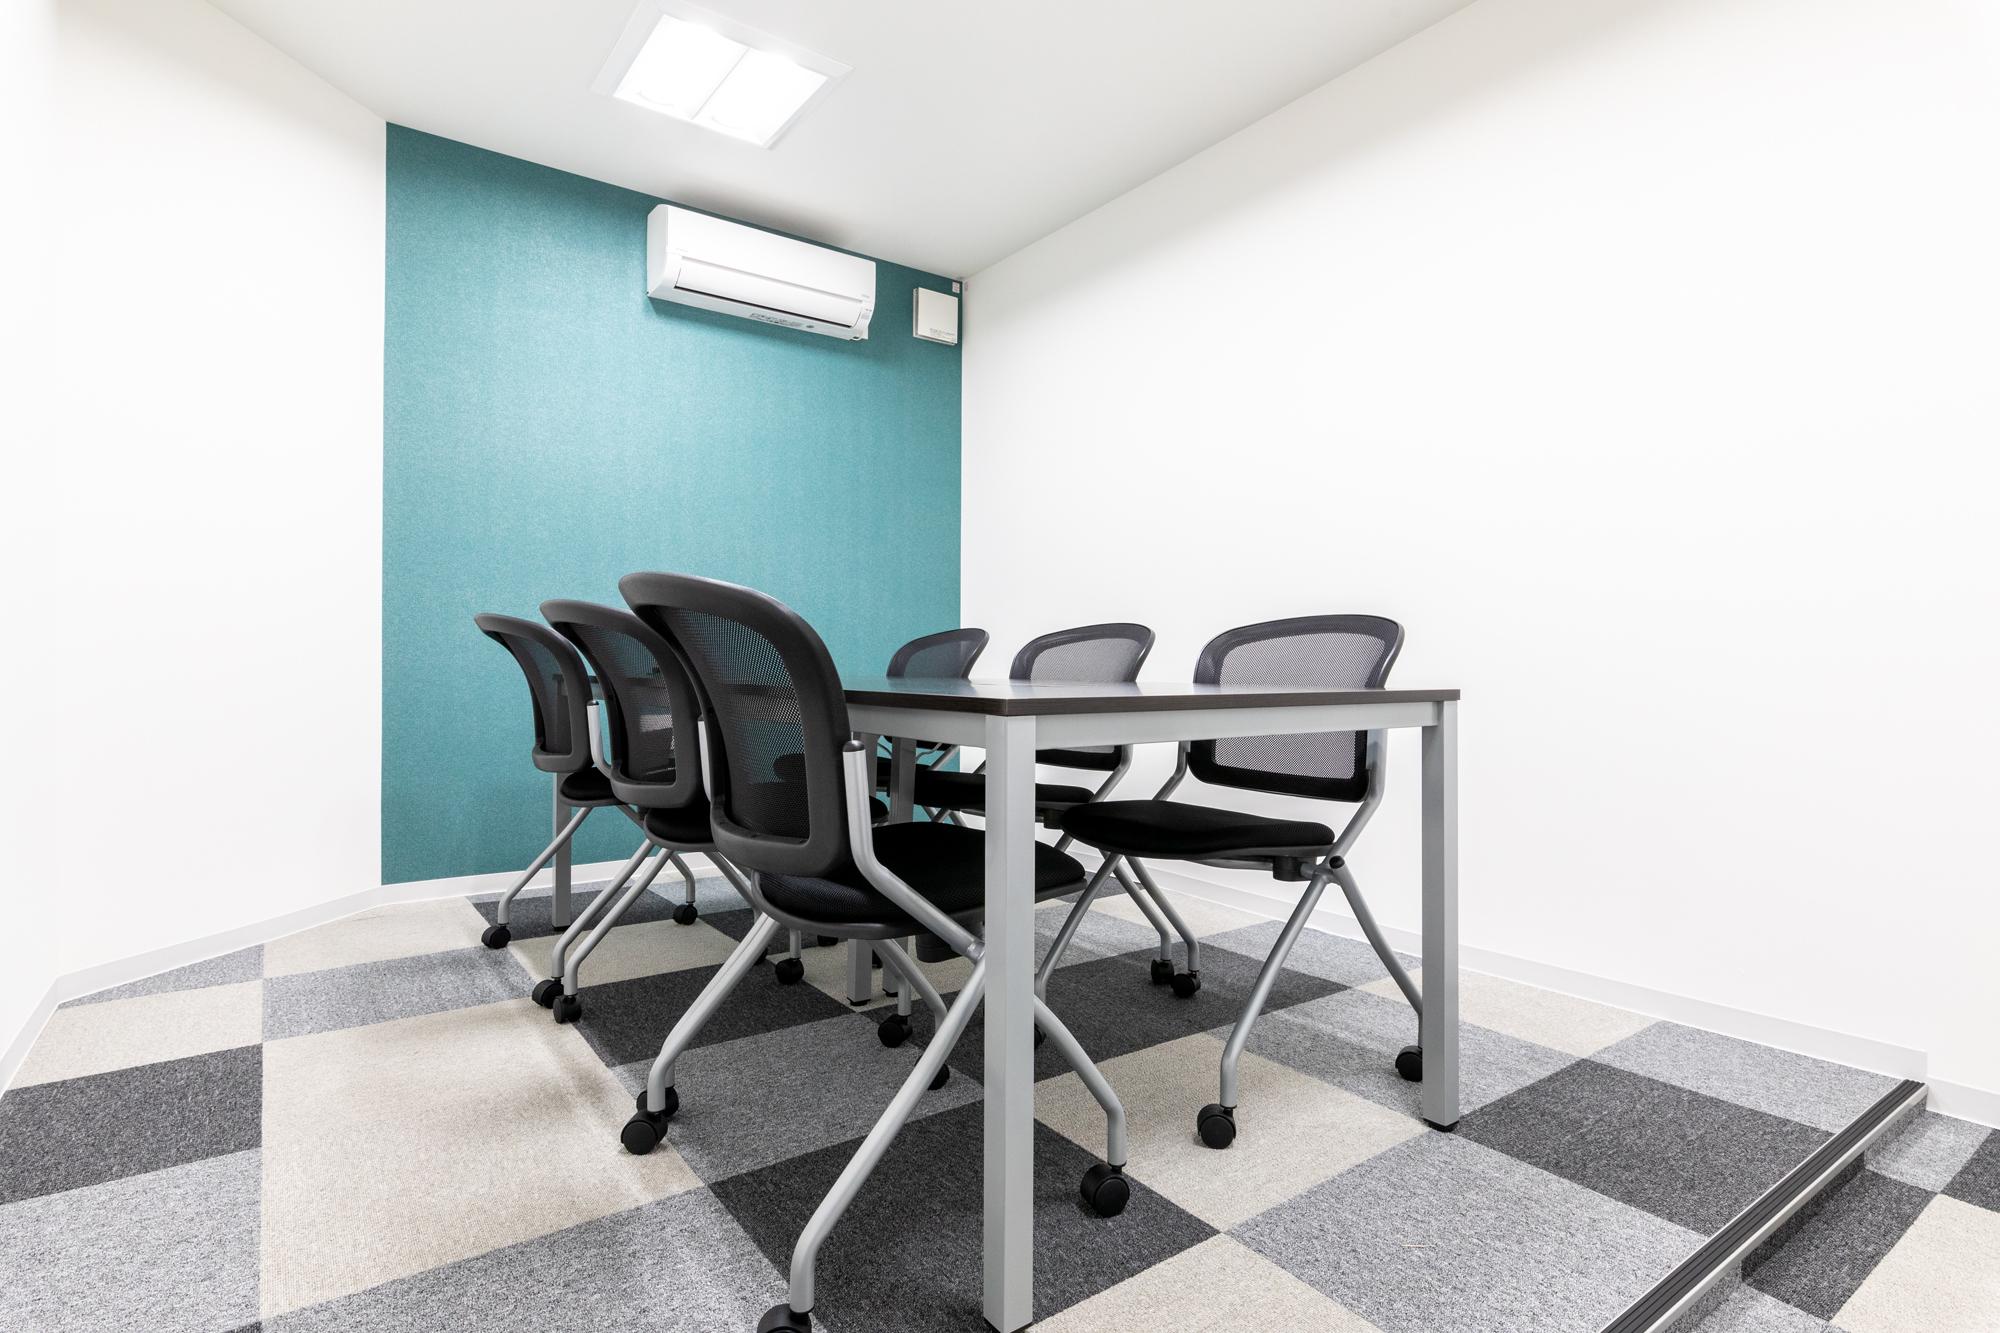 全国40拠点以上の会議室が使い放題、毎月5時間まで無料サービス付き